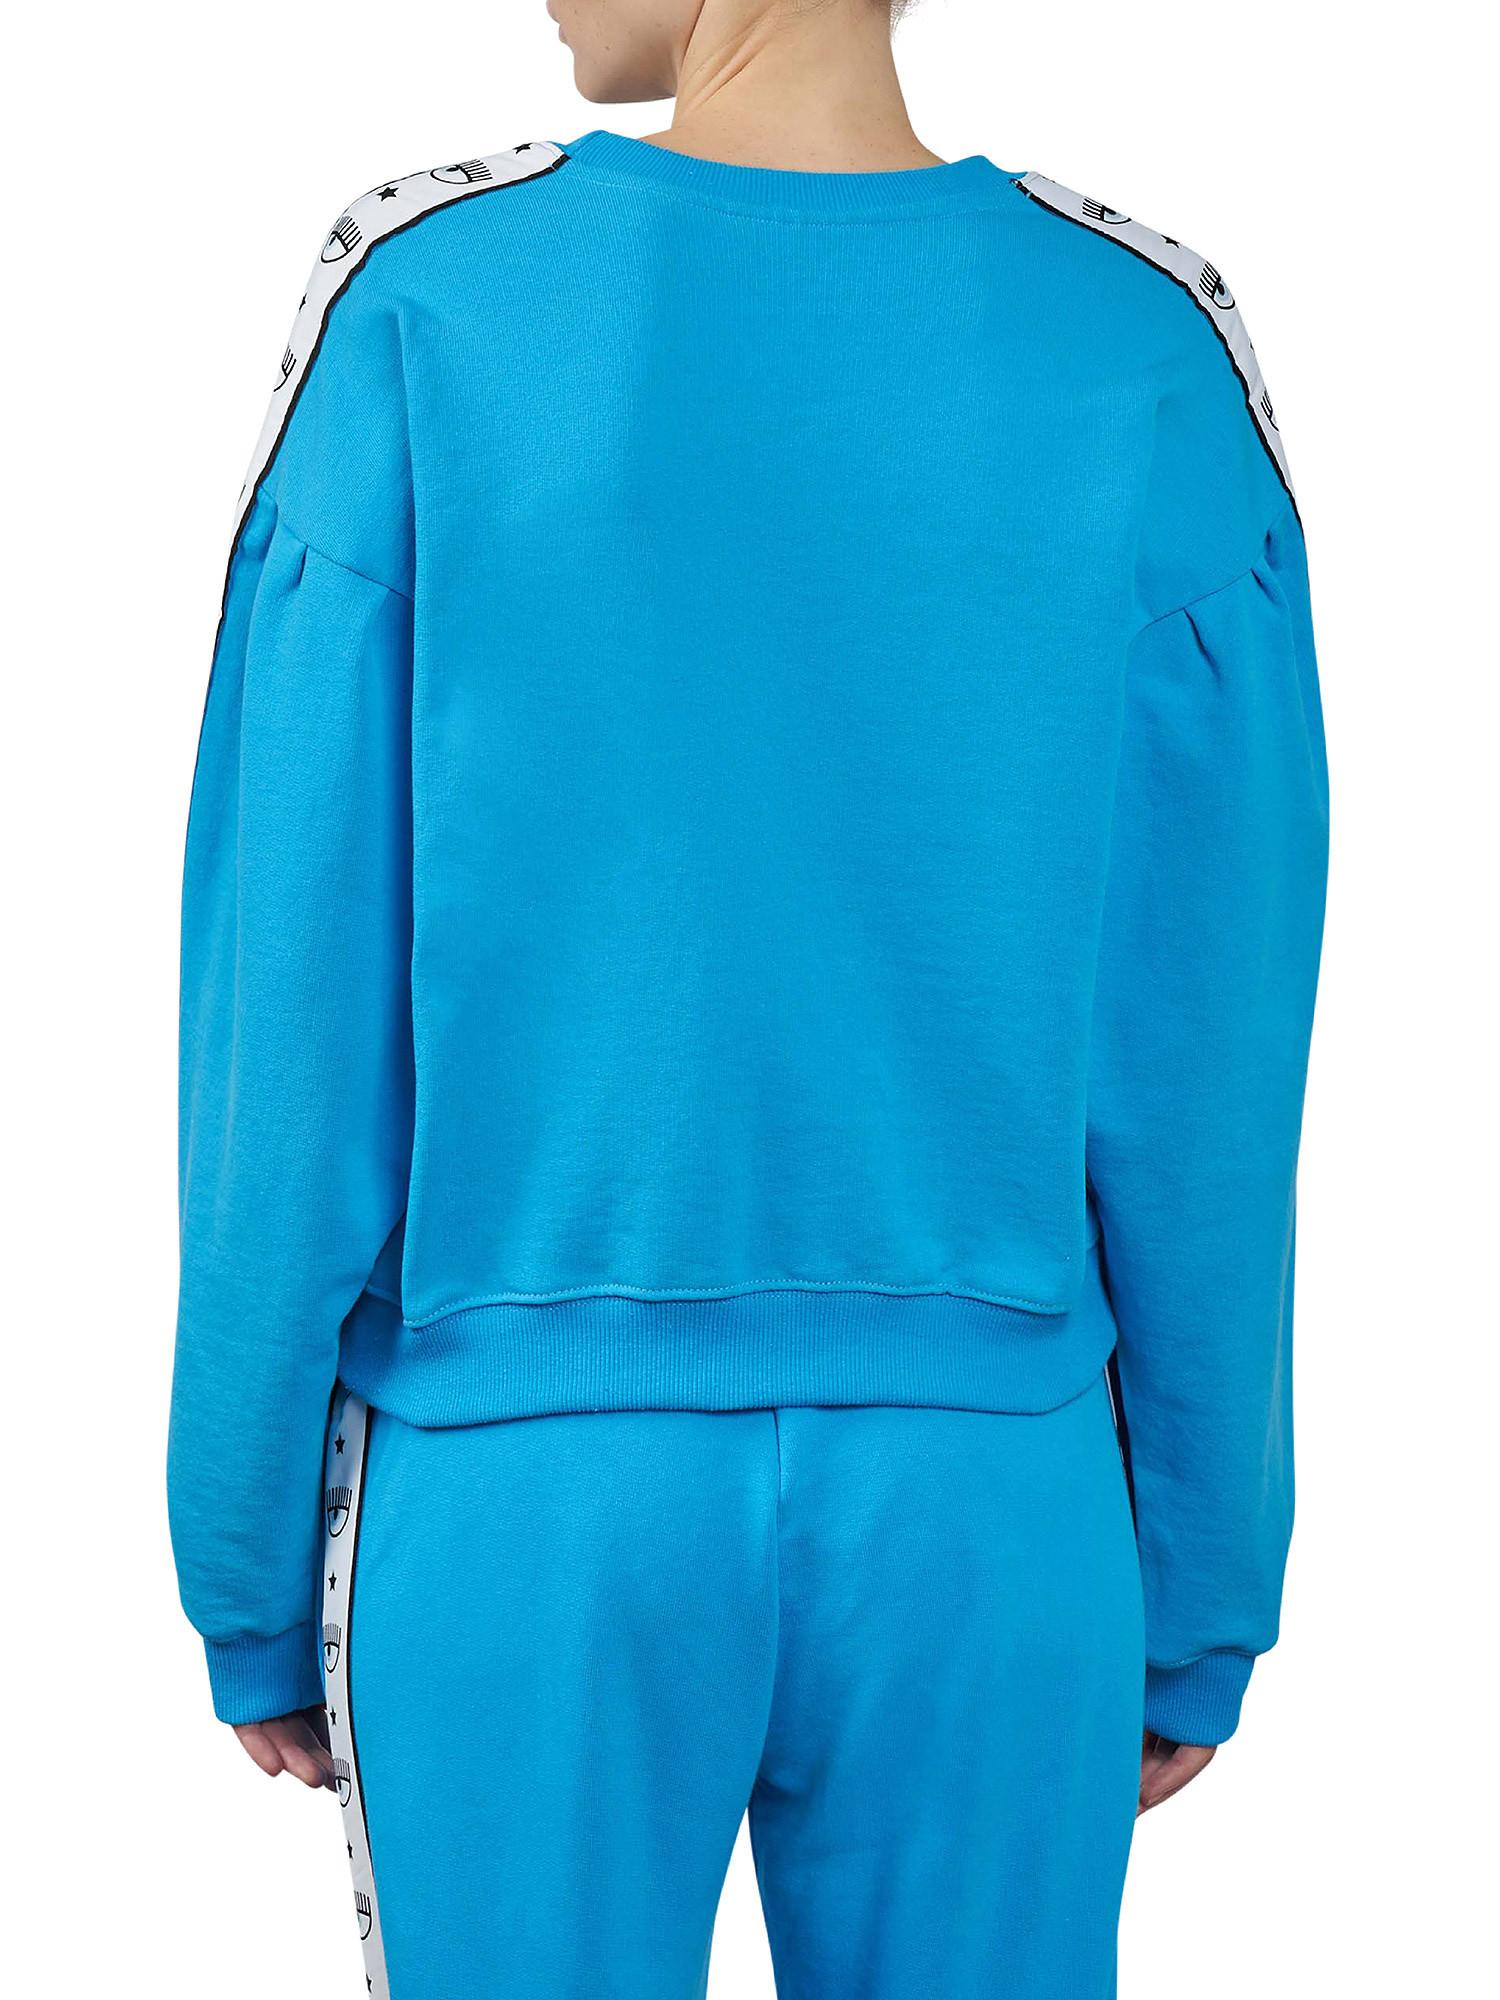 Maxi sleeve Logomania sweatshirt, Azzurro turchese, large image number 2